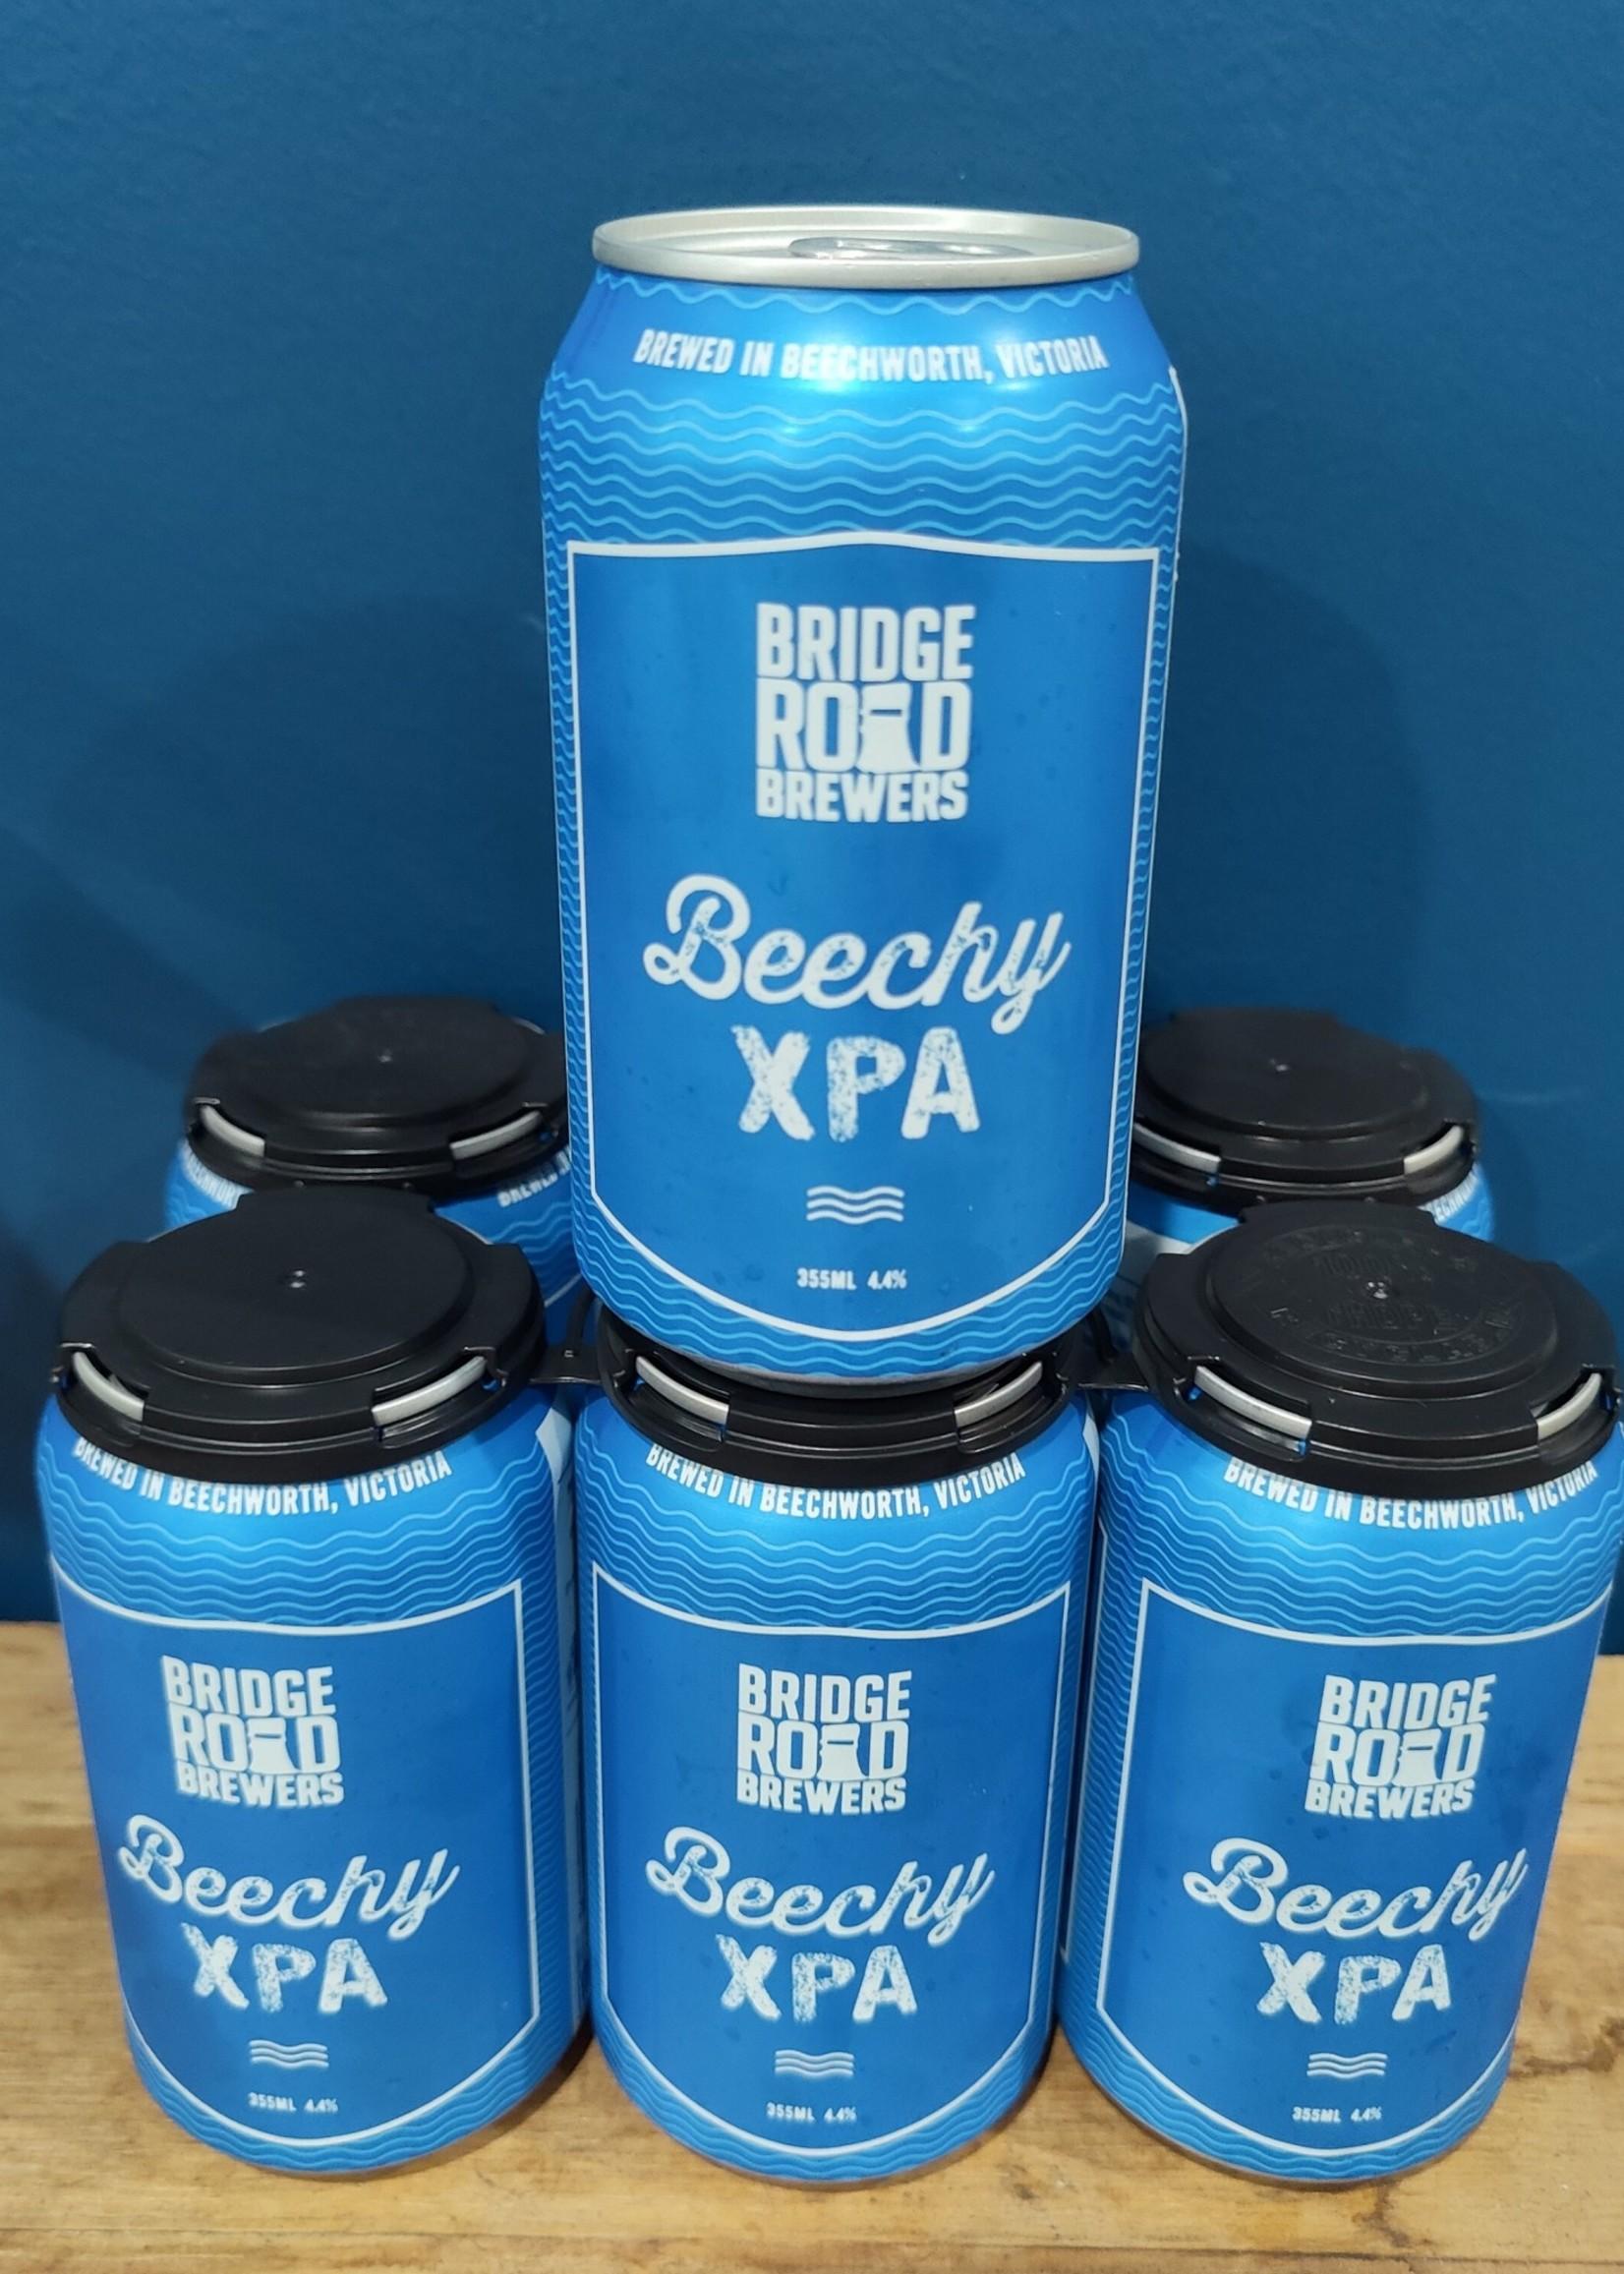 Bridge Road Brewers Beechy Summer XPA